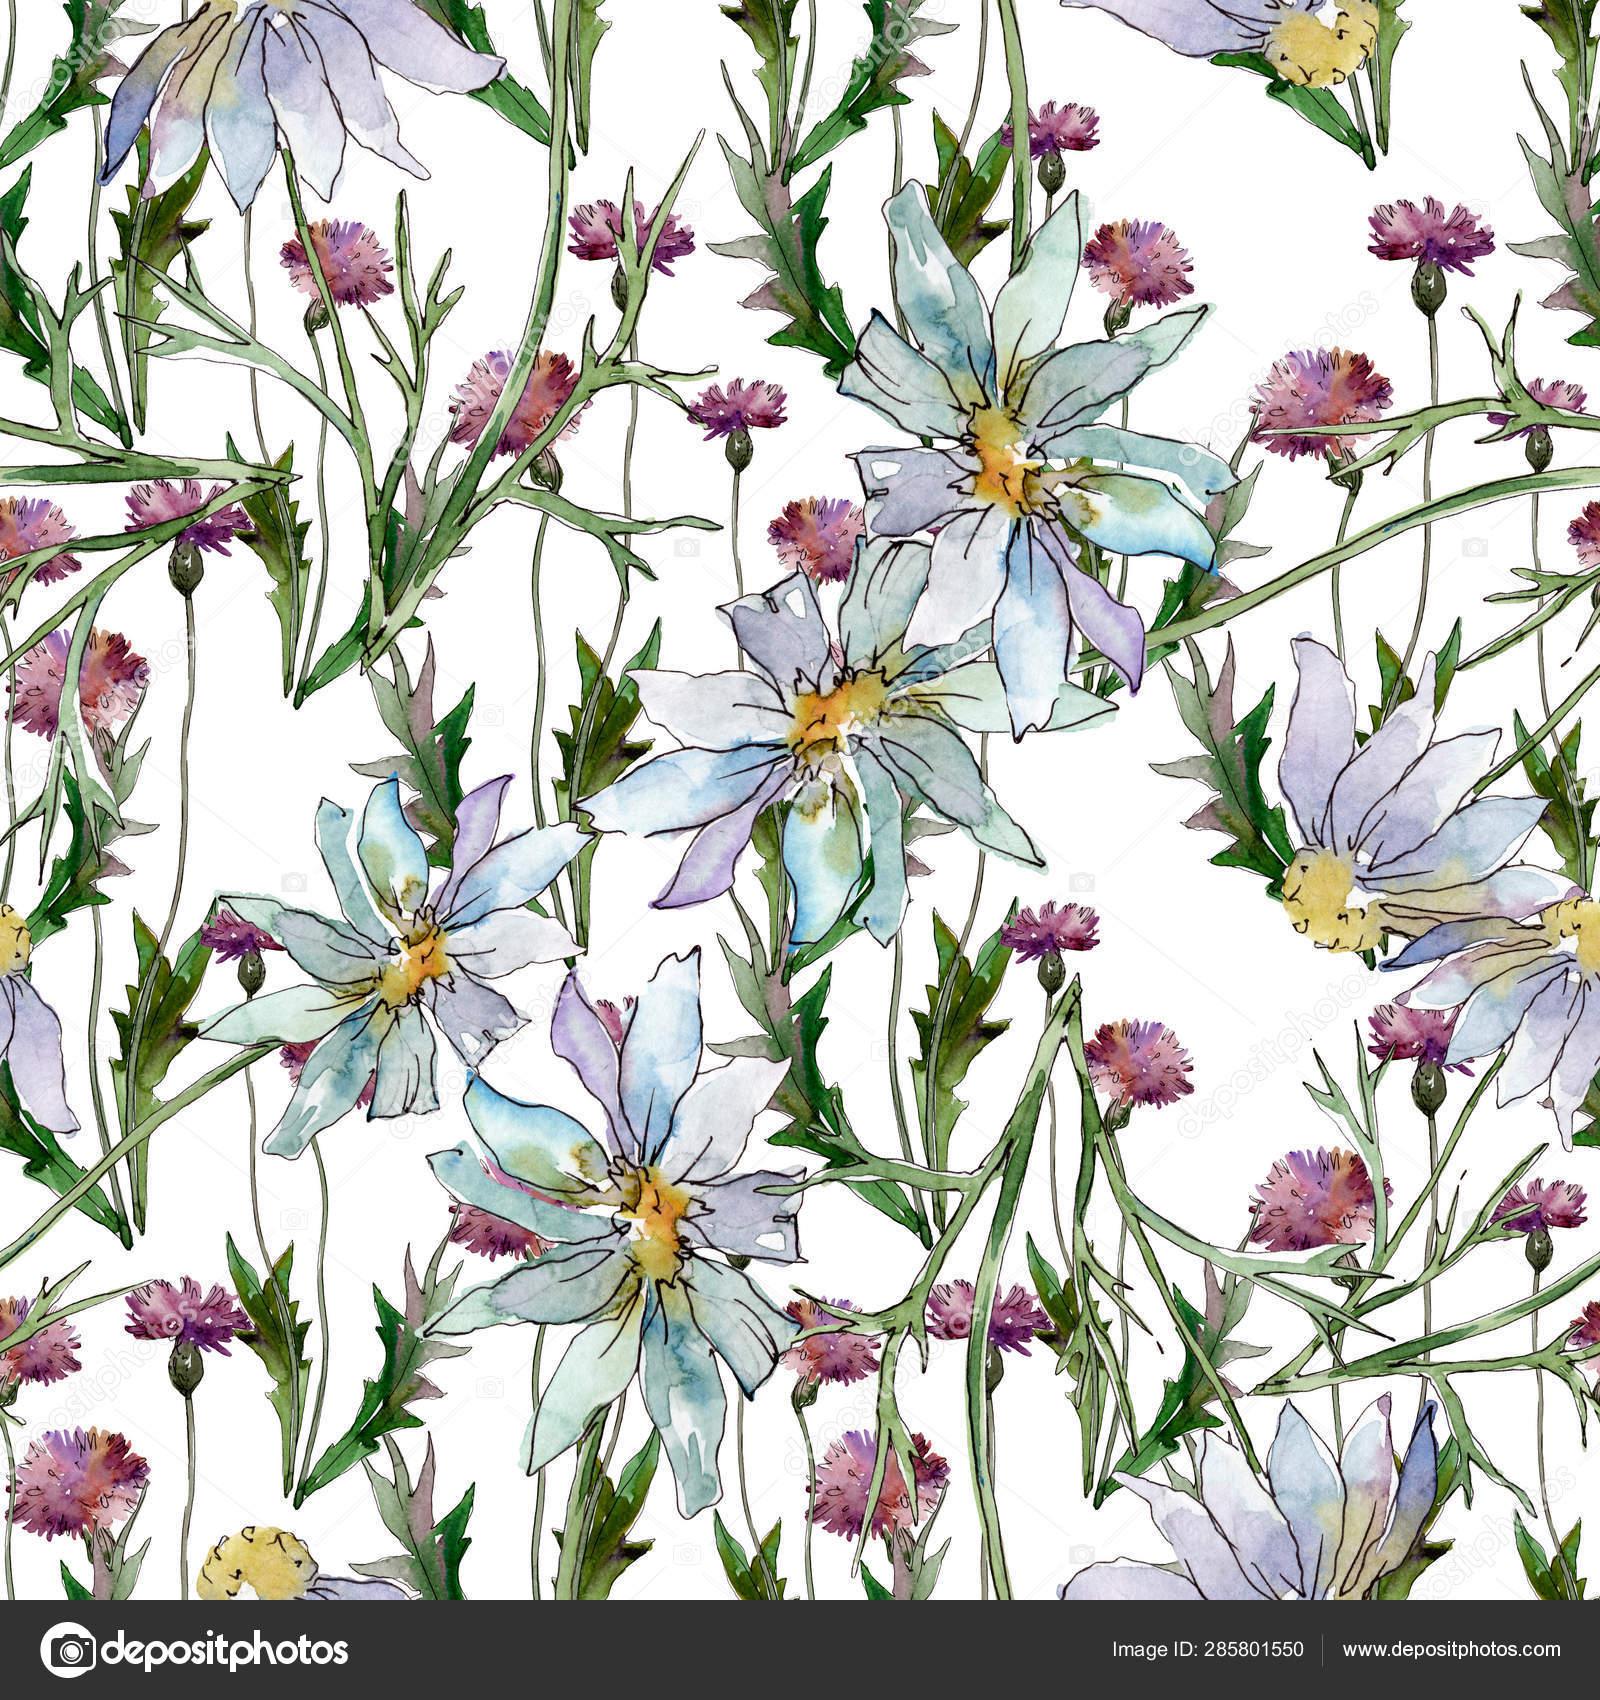 Wildflowers Floral Botanical Flowers Wild Spring Leaf